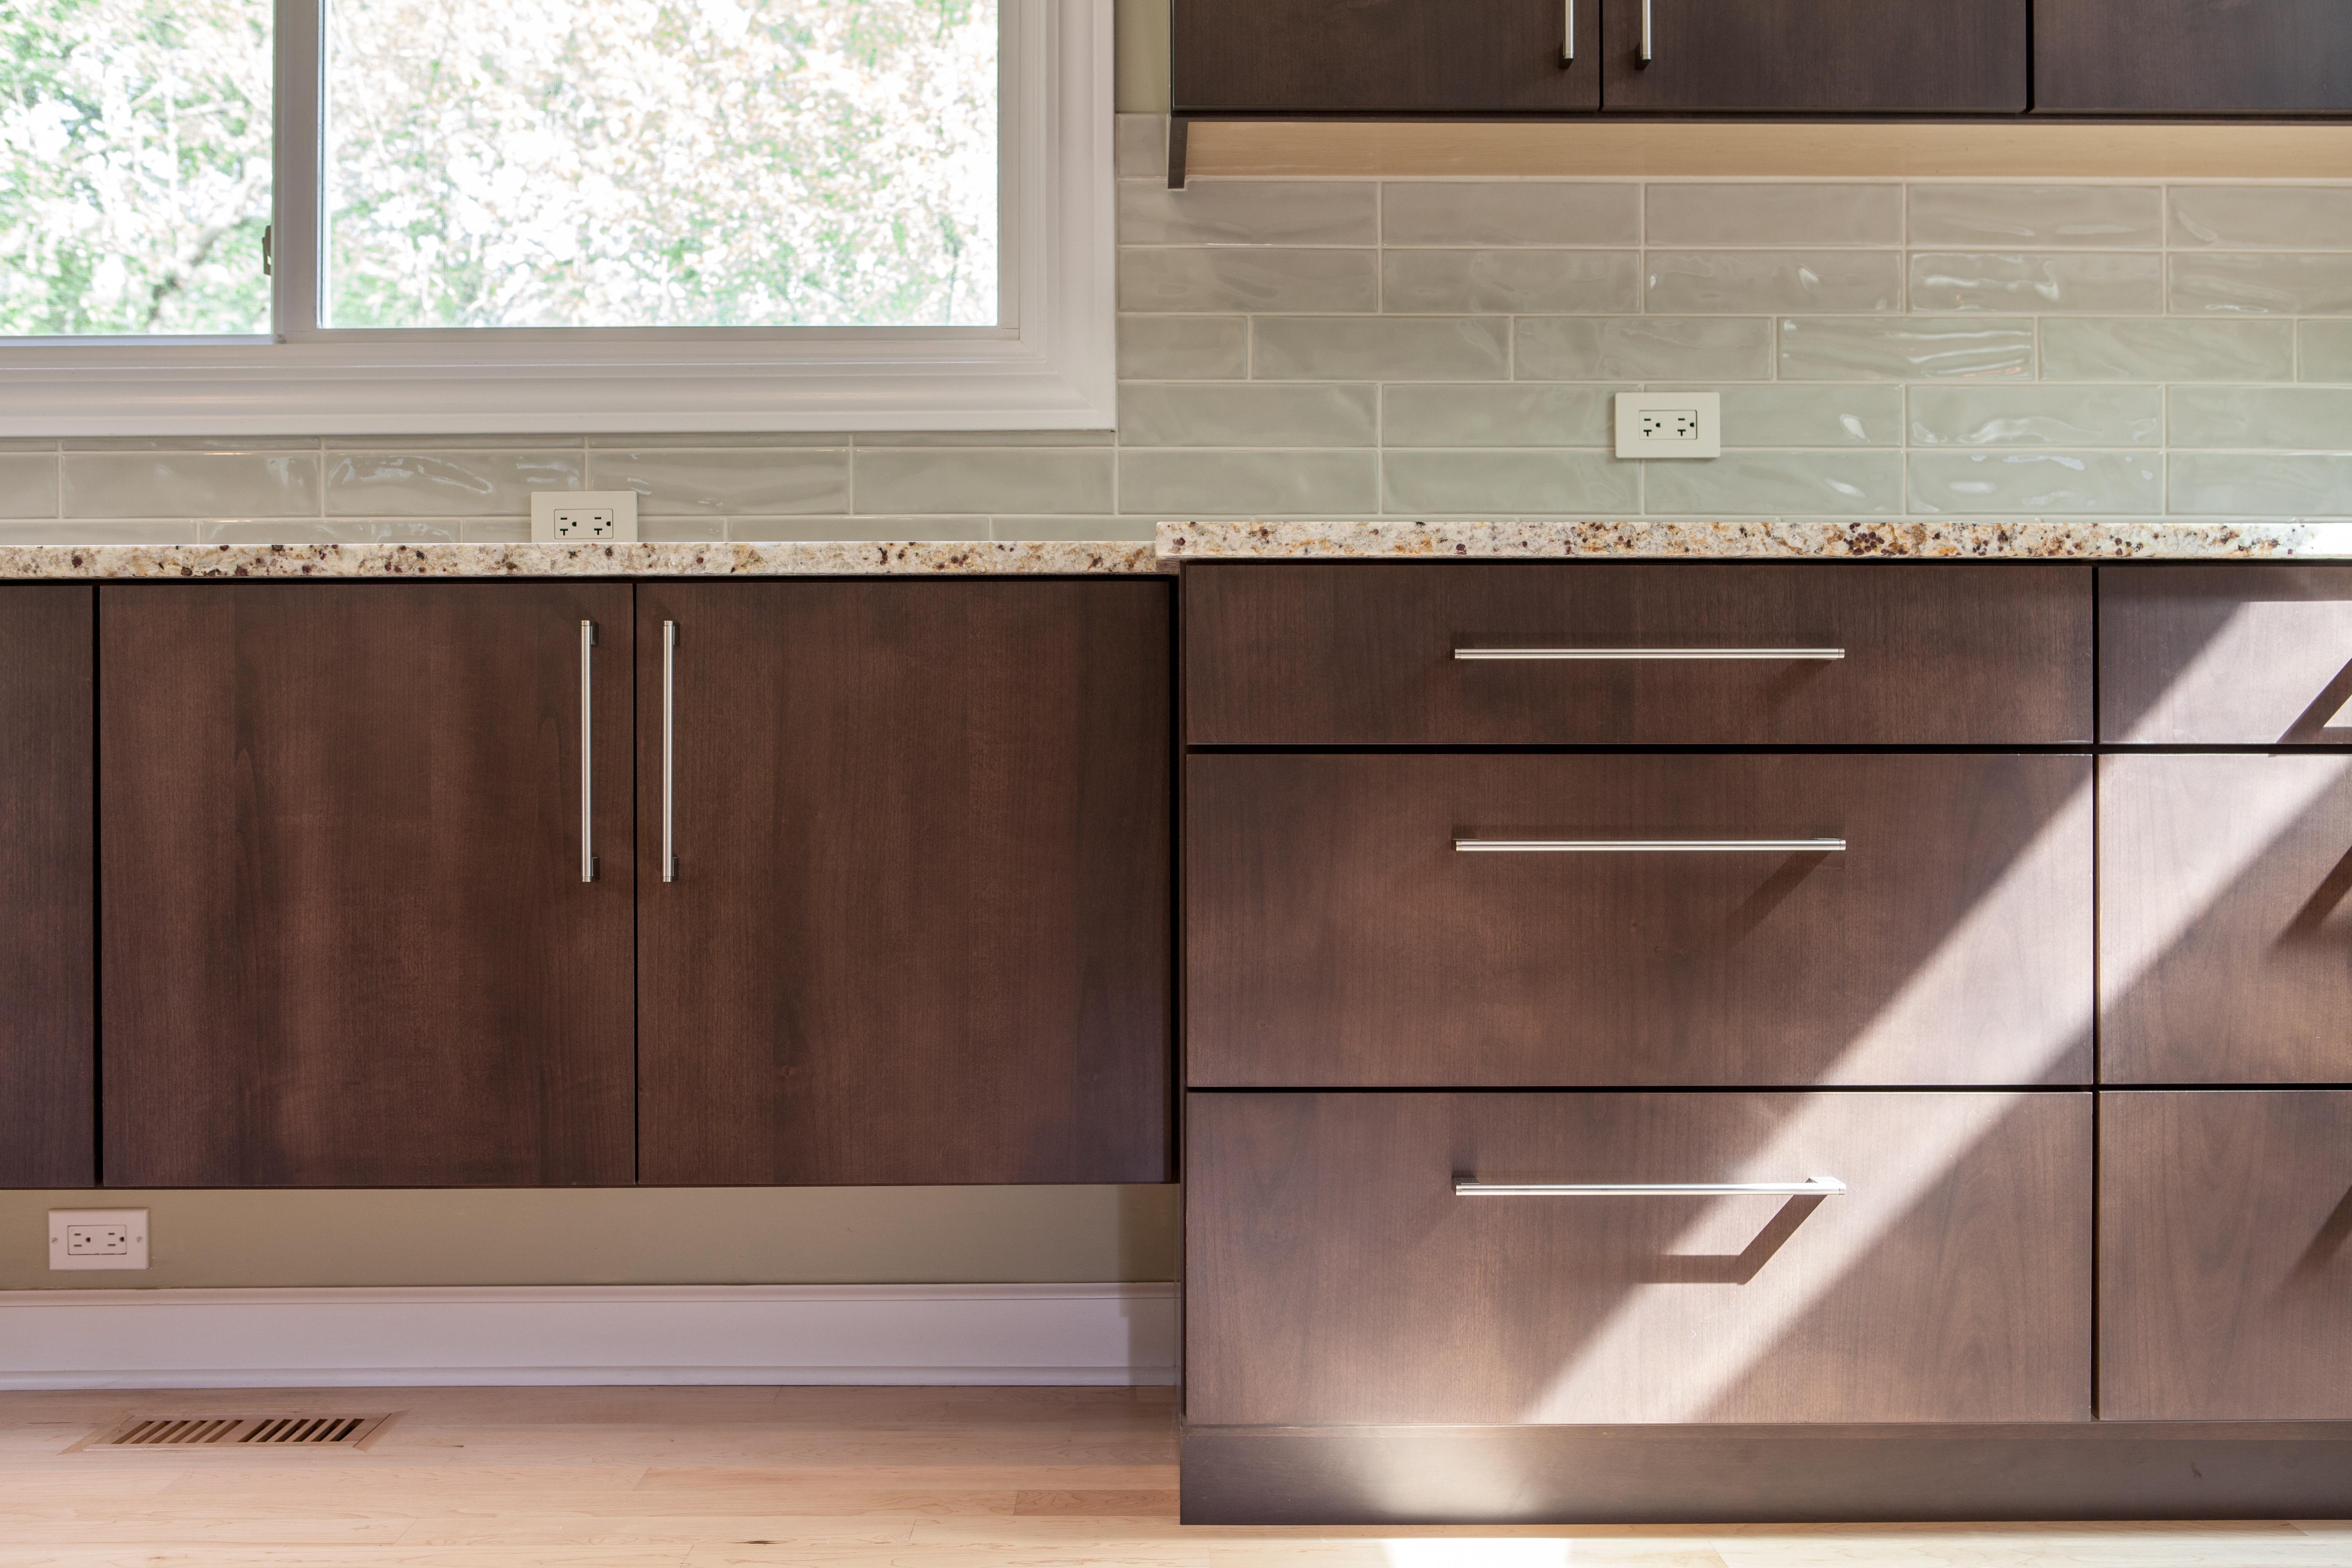 Flat panel cabinetry and subway tile backsplash